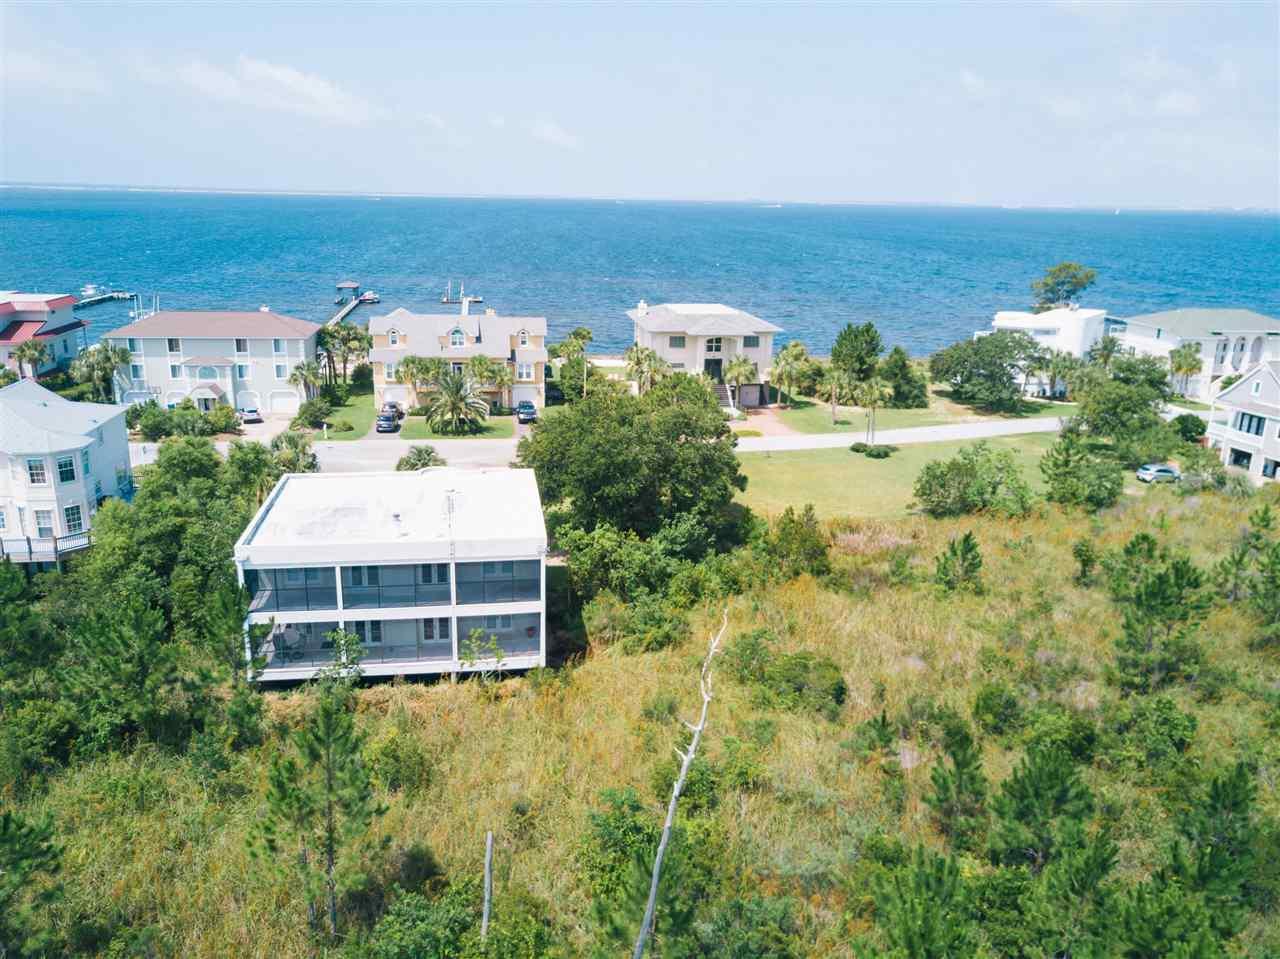 332 Deer Point Dr, Gulf Breeze, FL 32561